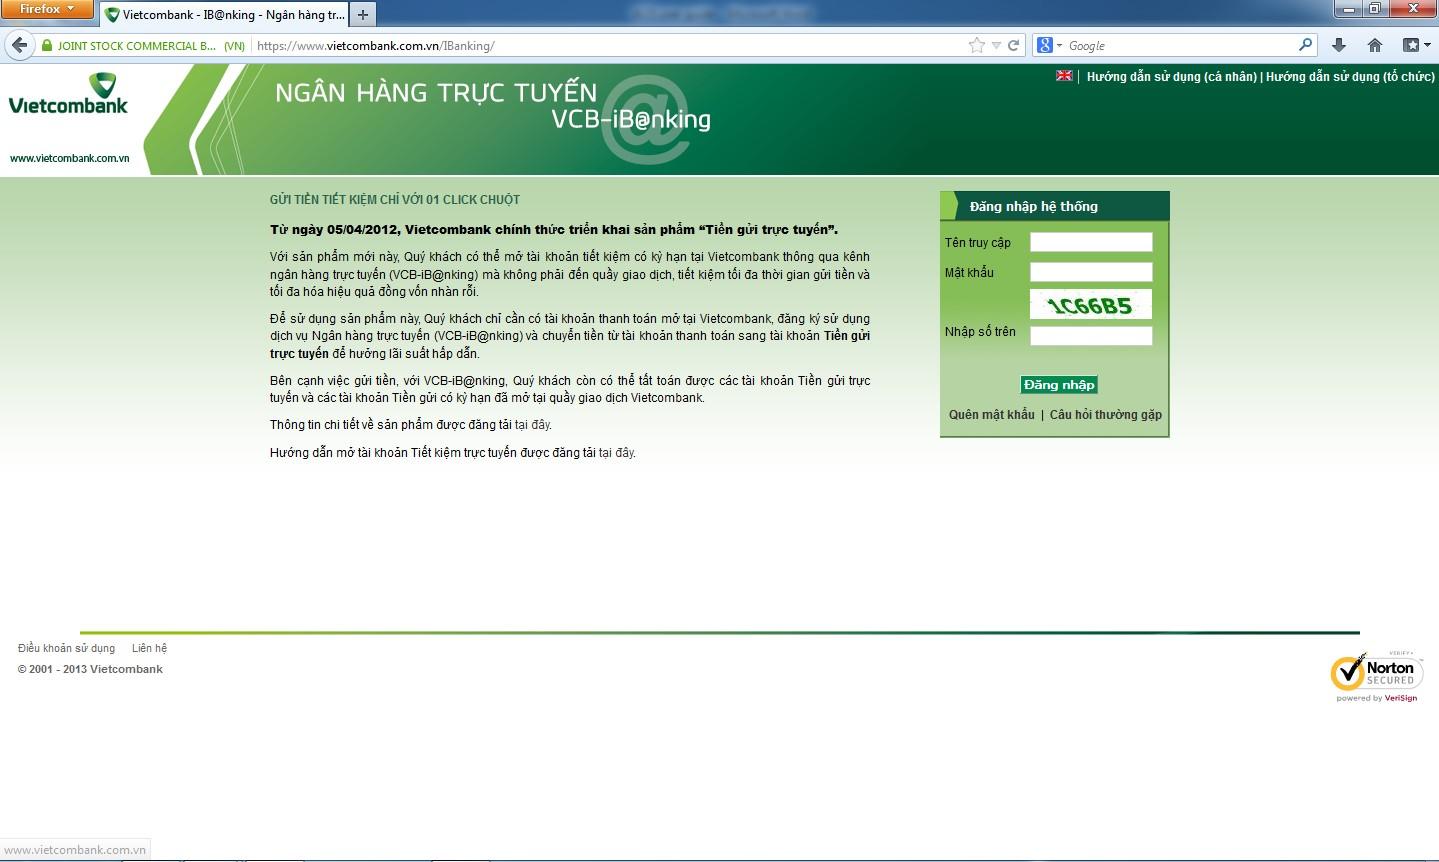 Các bước cài các hình thức nhận mã OTP của Vietcombank Internet Banking